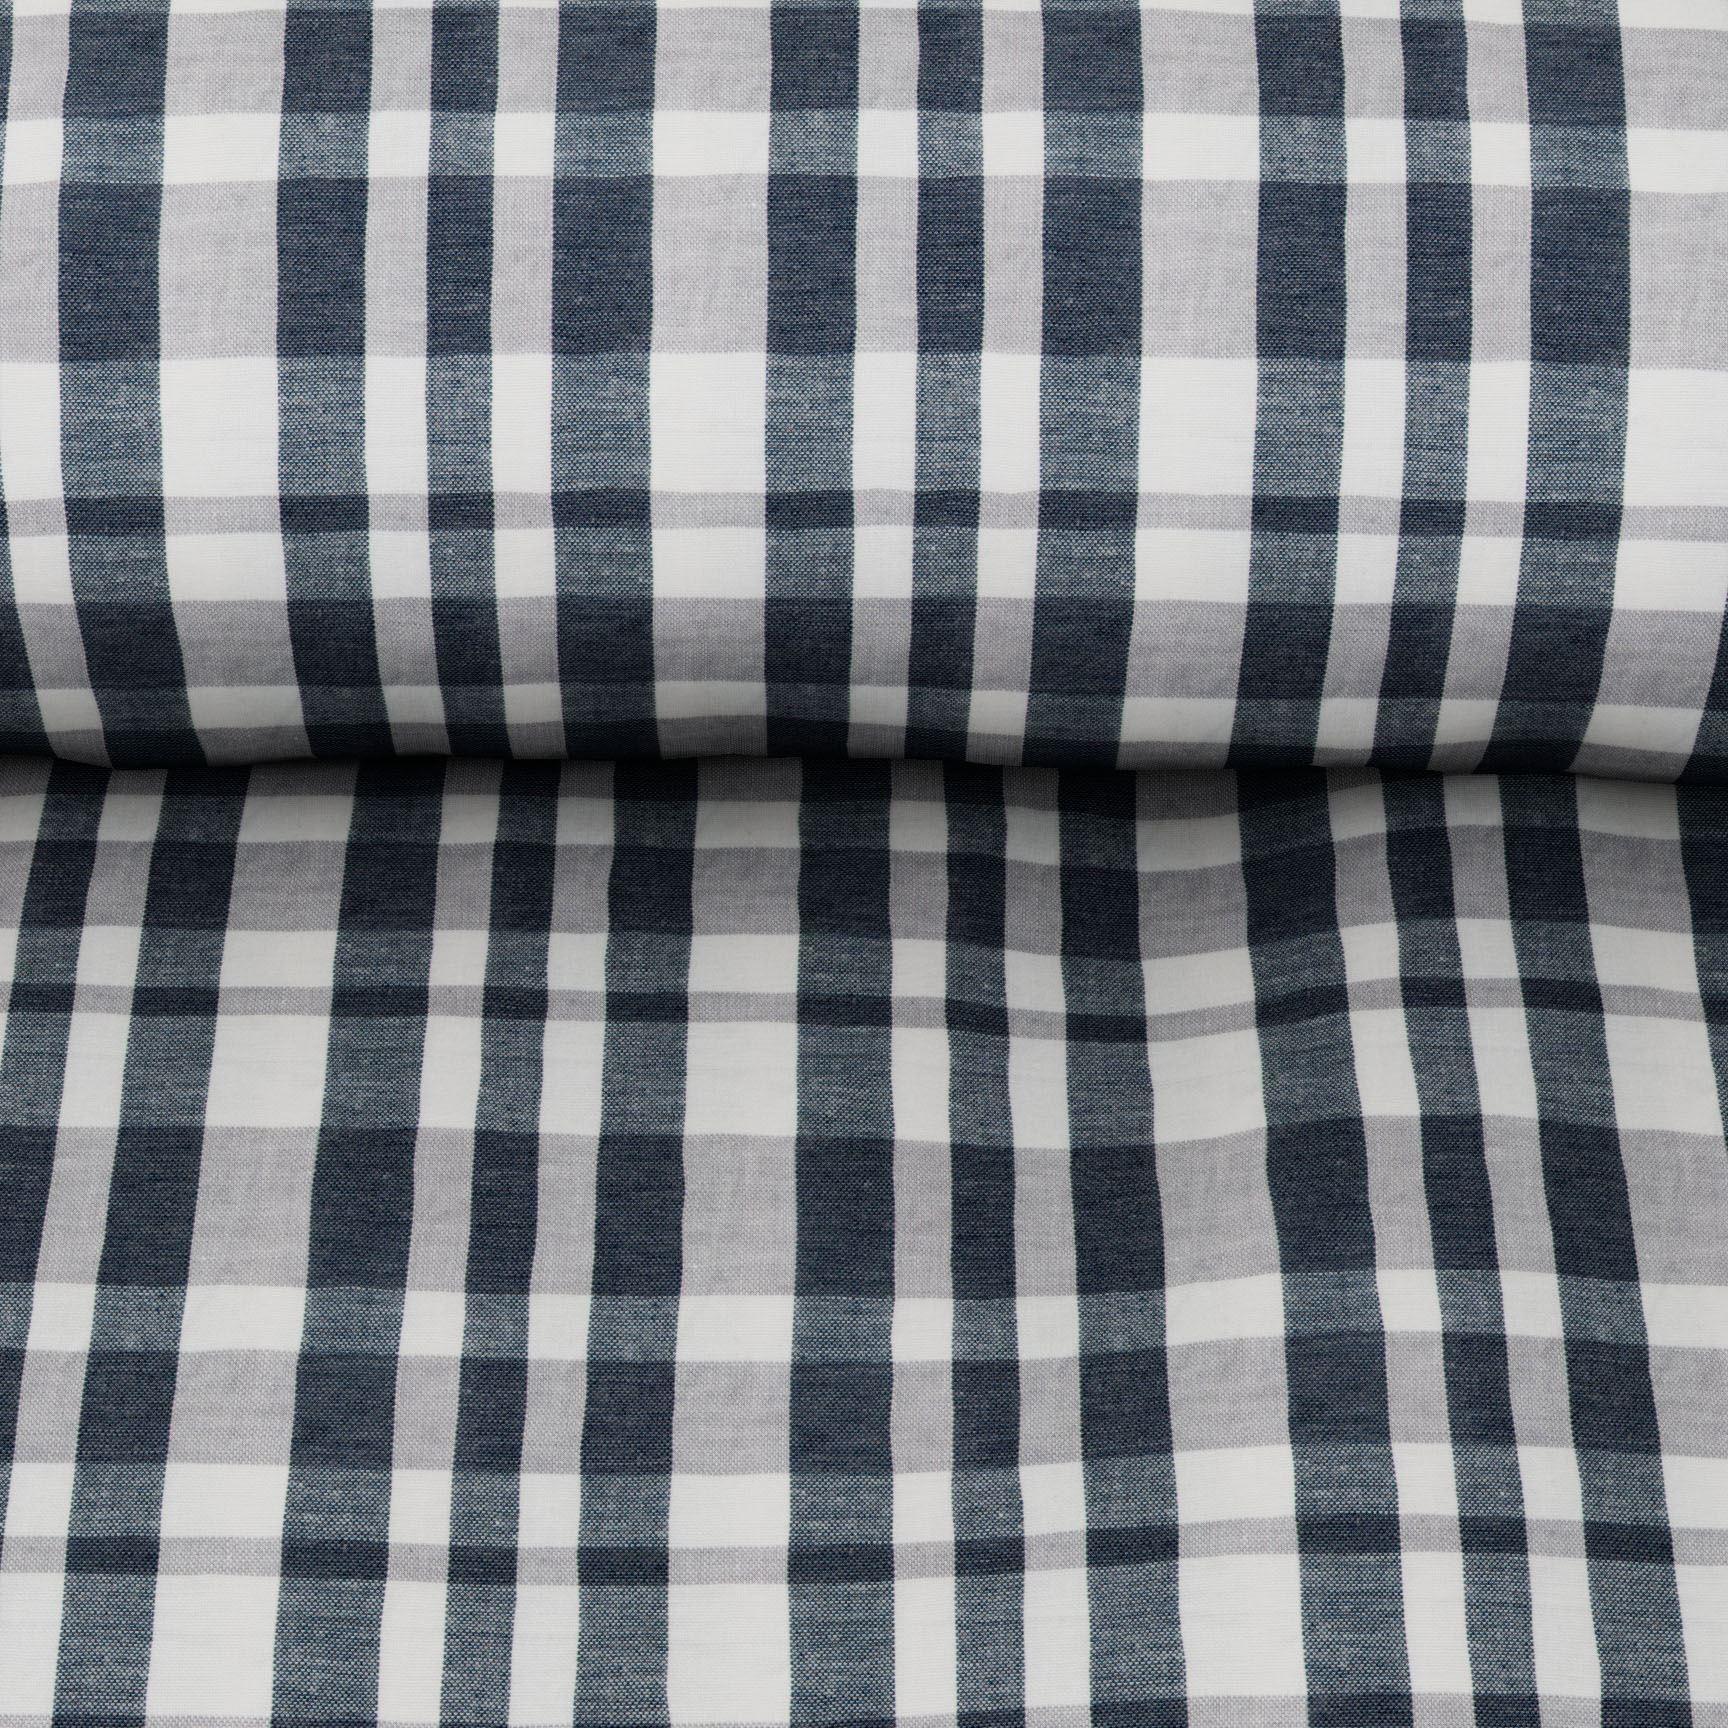 100-Algodon-Cuidado-facil-cubierta-del-edredon-edredon-multicolor-nuevo-conjunto-de-ropa-de-cama miniatura 14